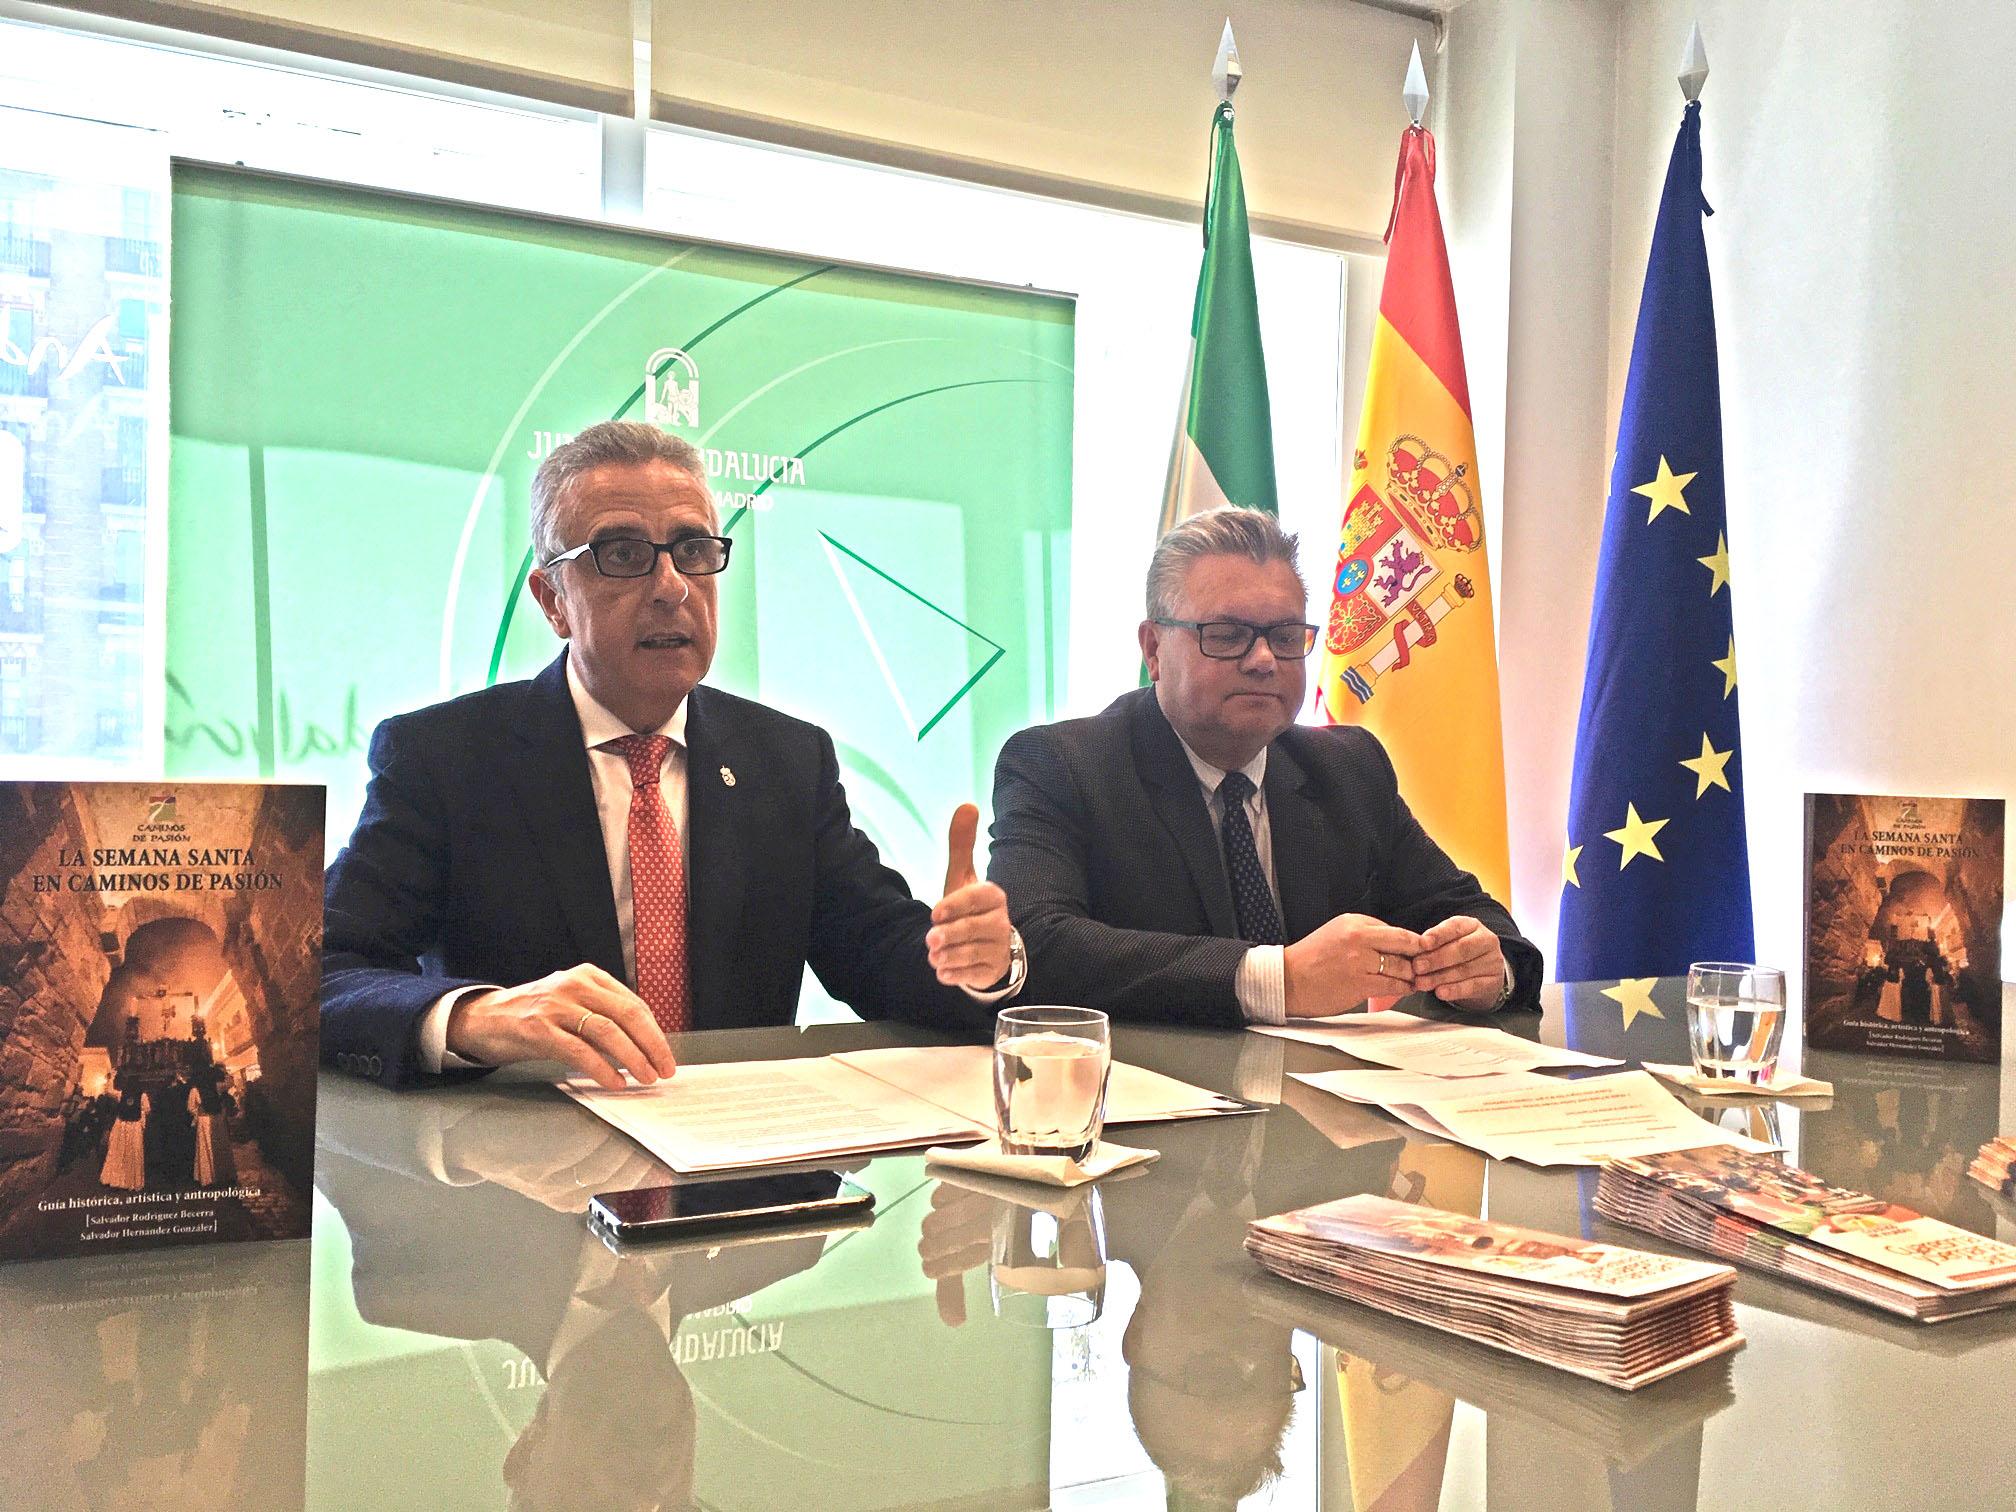 Presentación de la Andalucía más auténtica